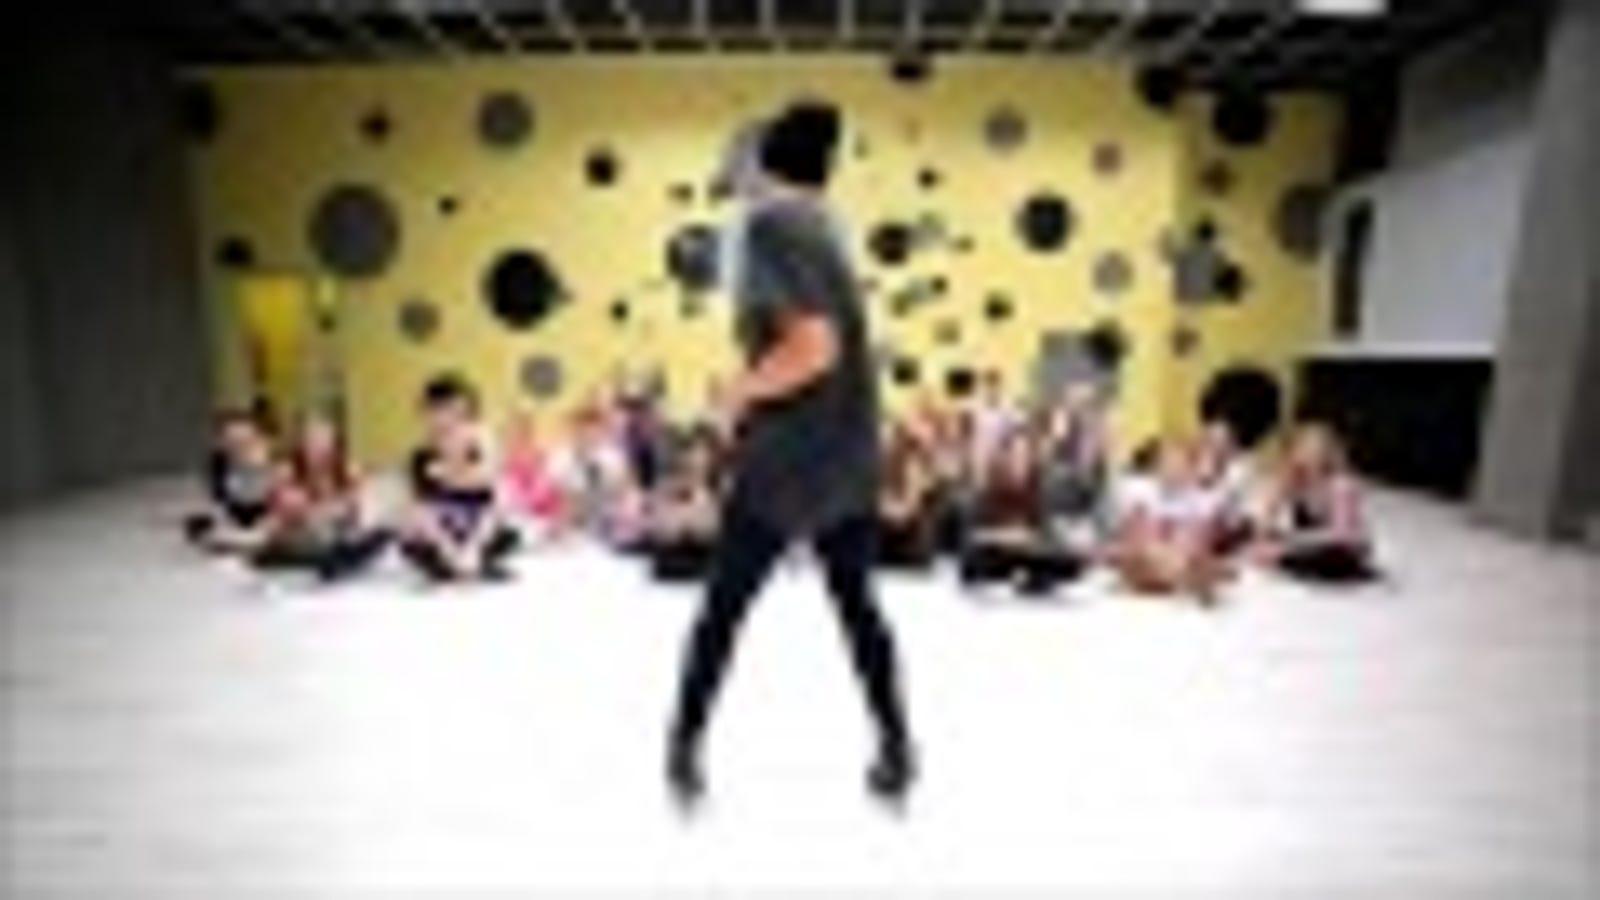 Beyoncé – Partition | NARIA choreography – Ashbroyale